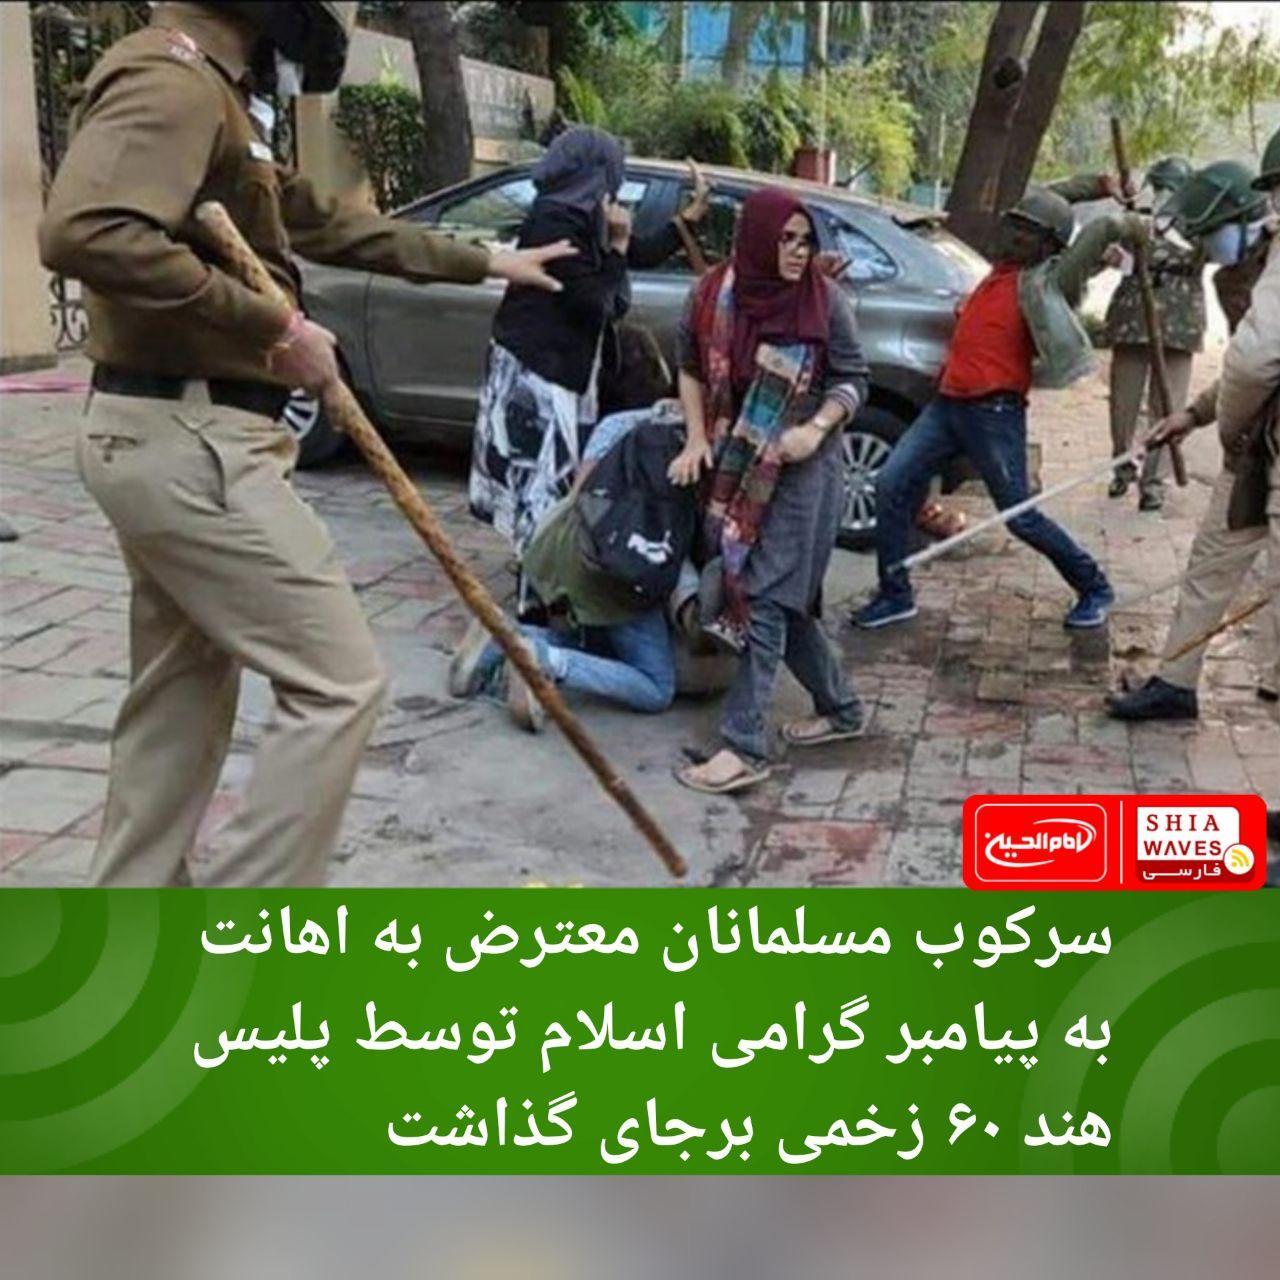 تصویر سرکوب مسلمانان معترض به اهانت به پیامبر گرامی اسلام توسط پلیس هند ۶۰ زخمی برجای گذاشت